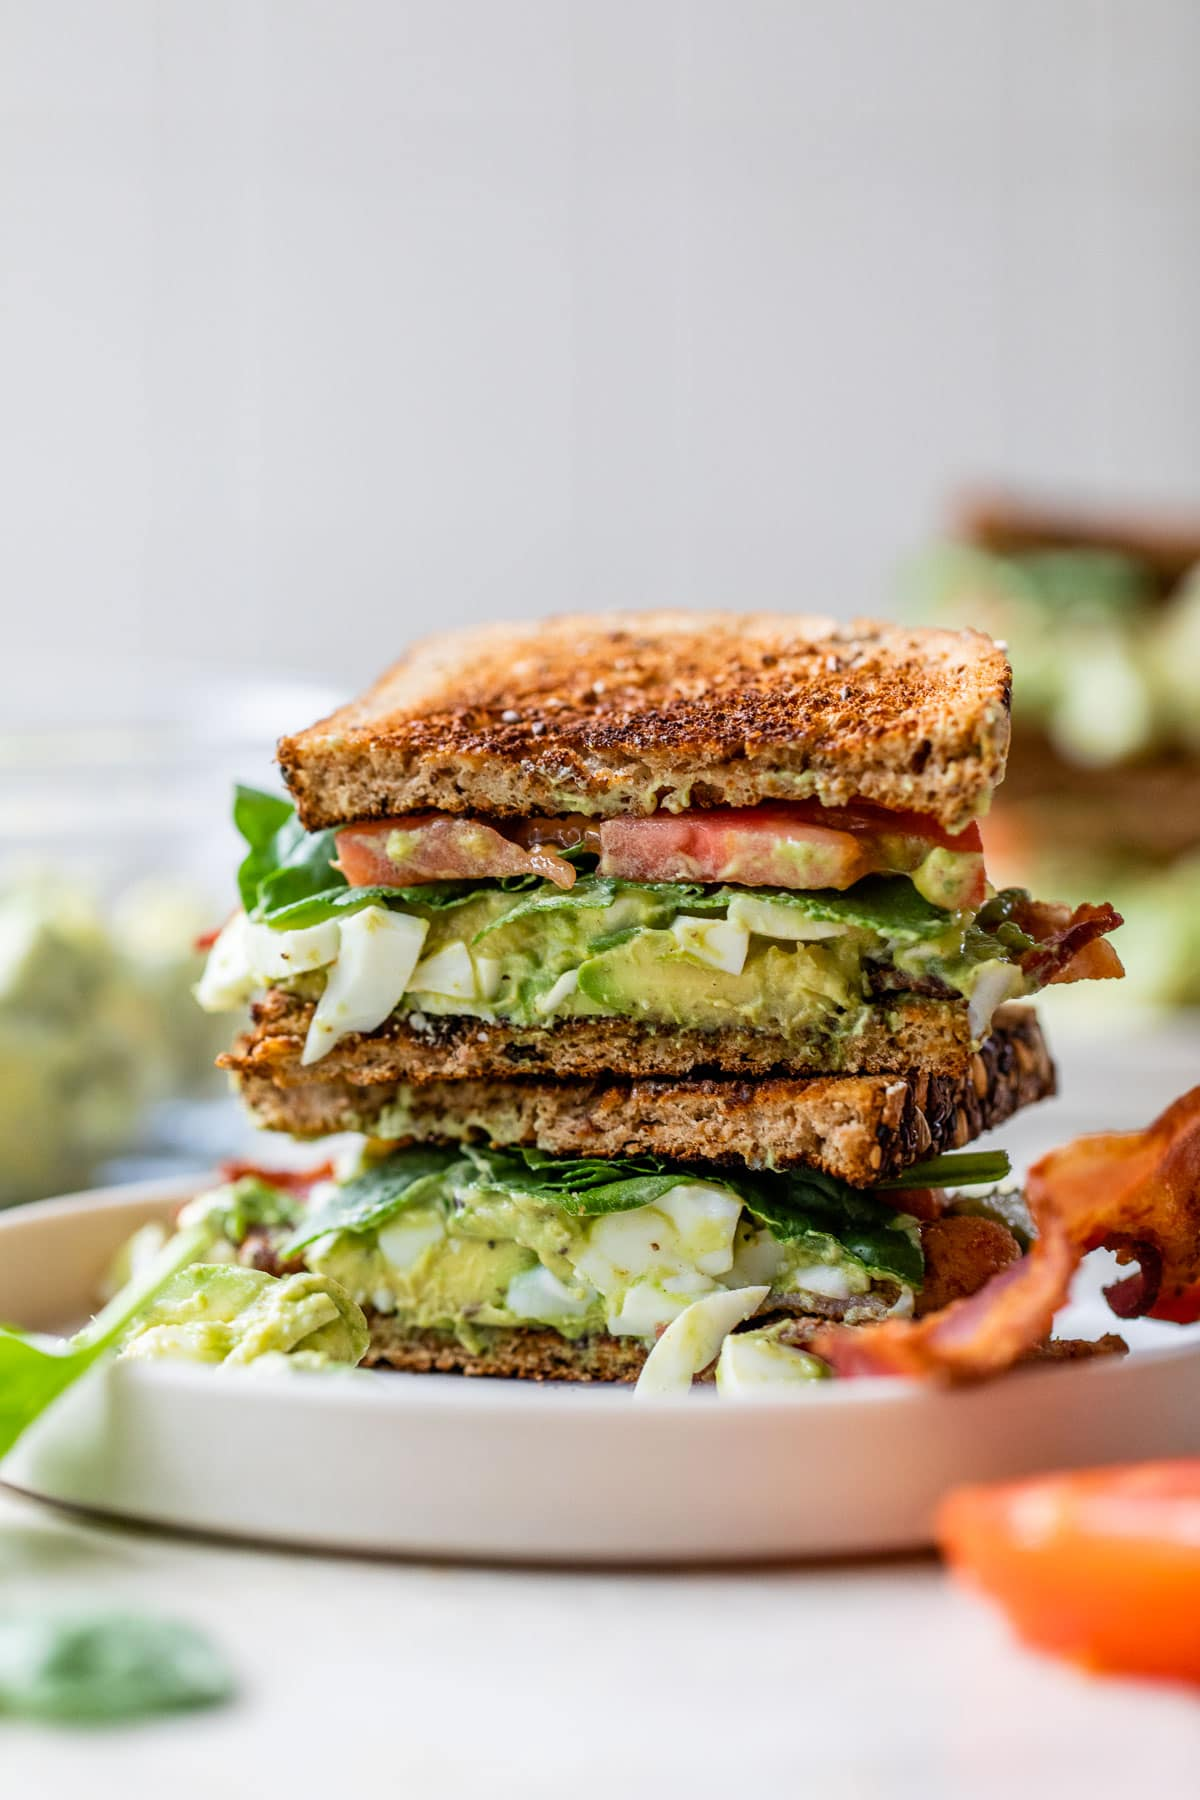 Avocado Egg Salad and Bacon Sandwiches